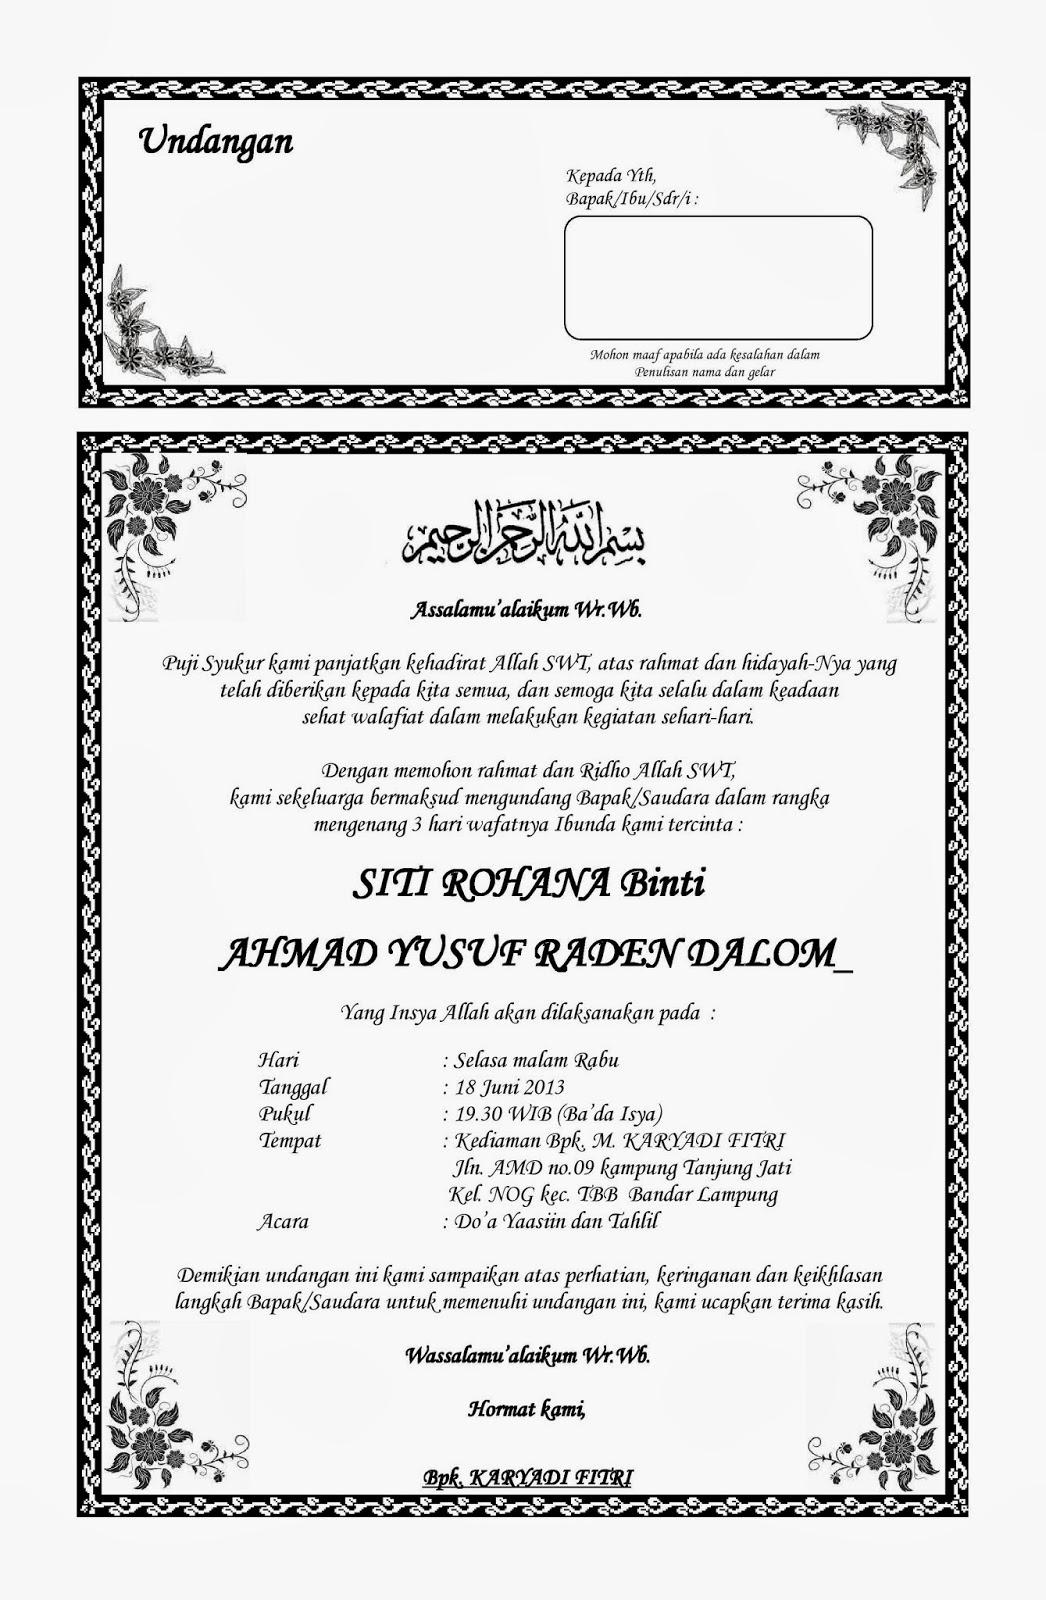 contoh undangan untuk acara 7 bulanan